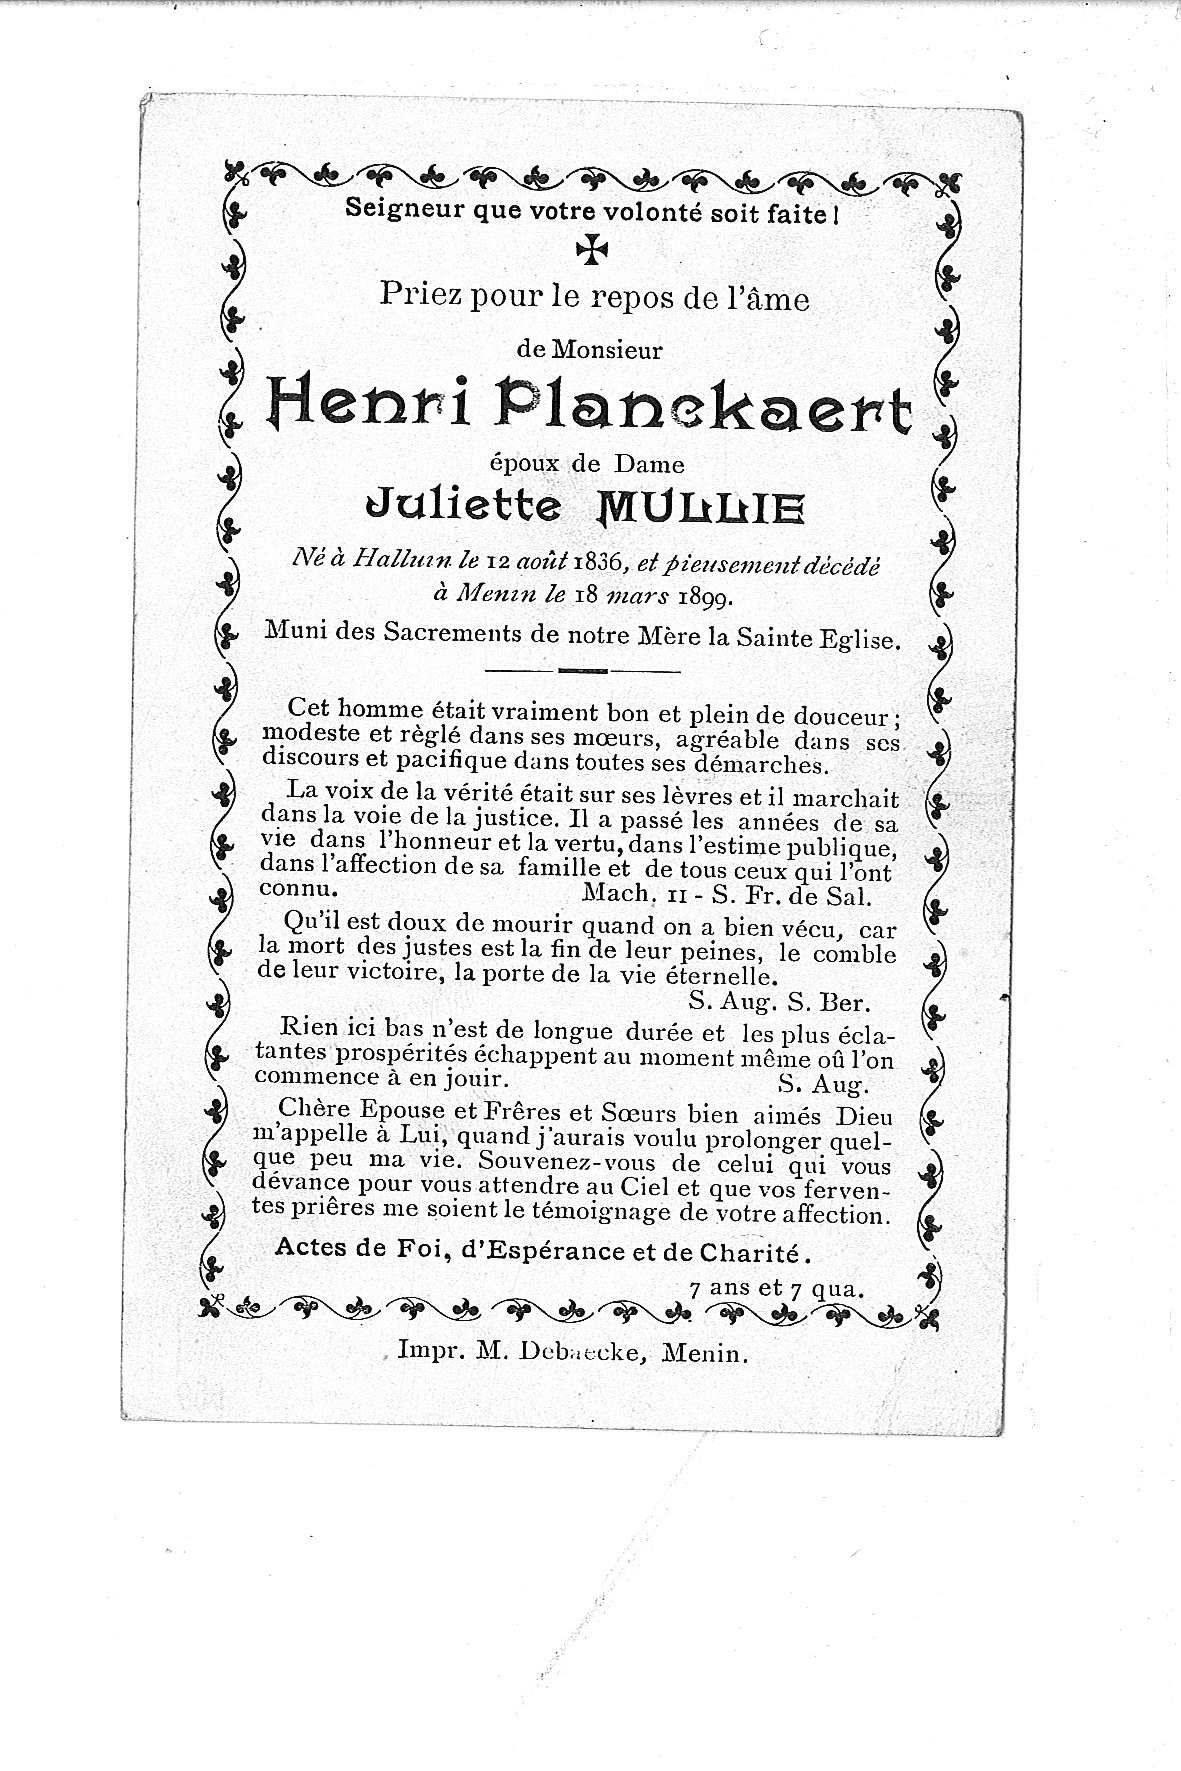 Henri(1899)20100415104824_00042.jpg